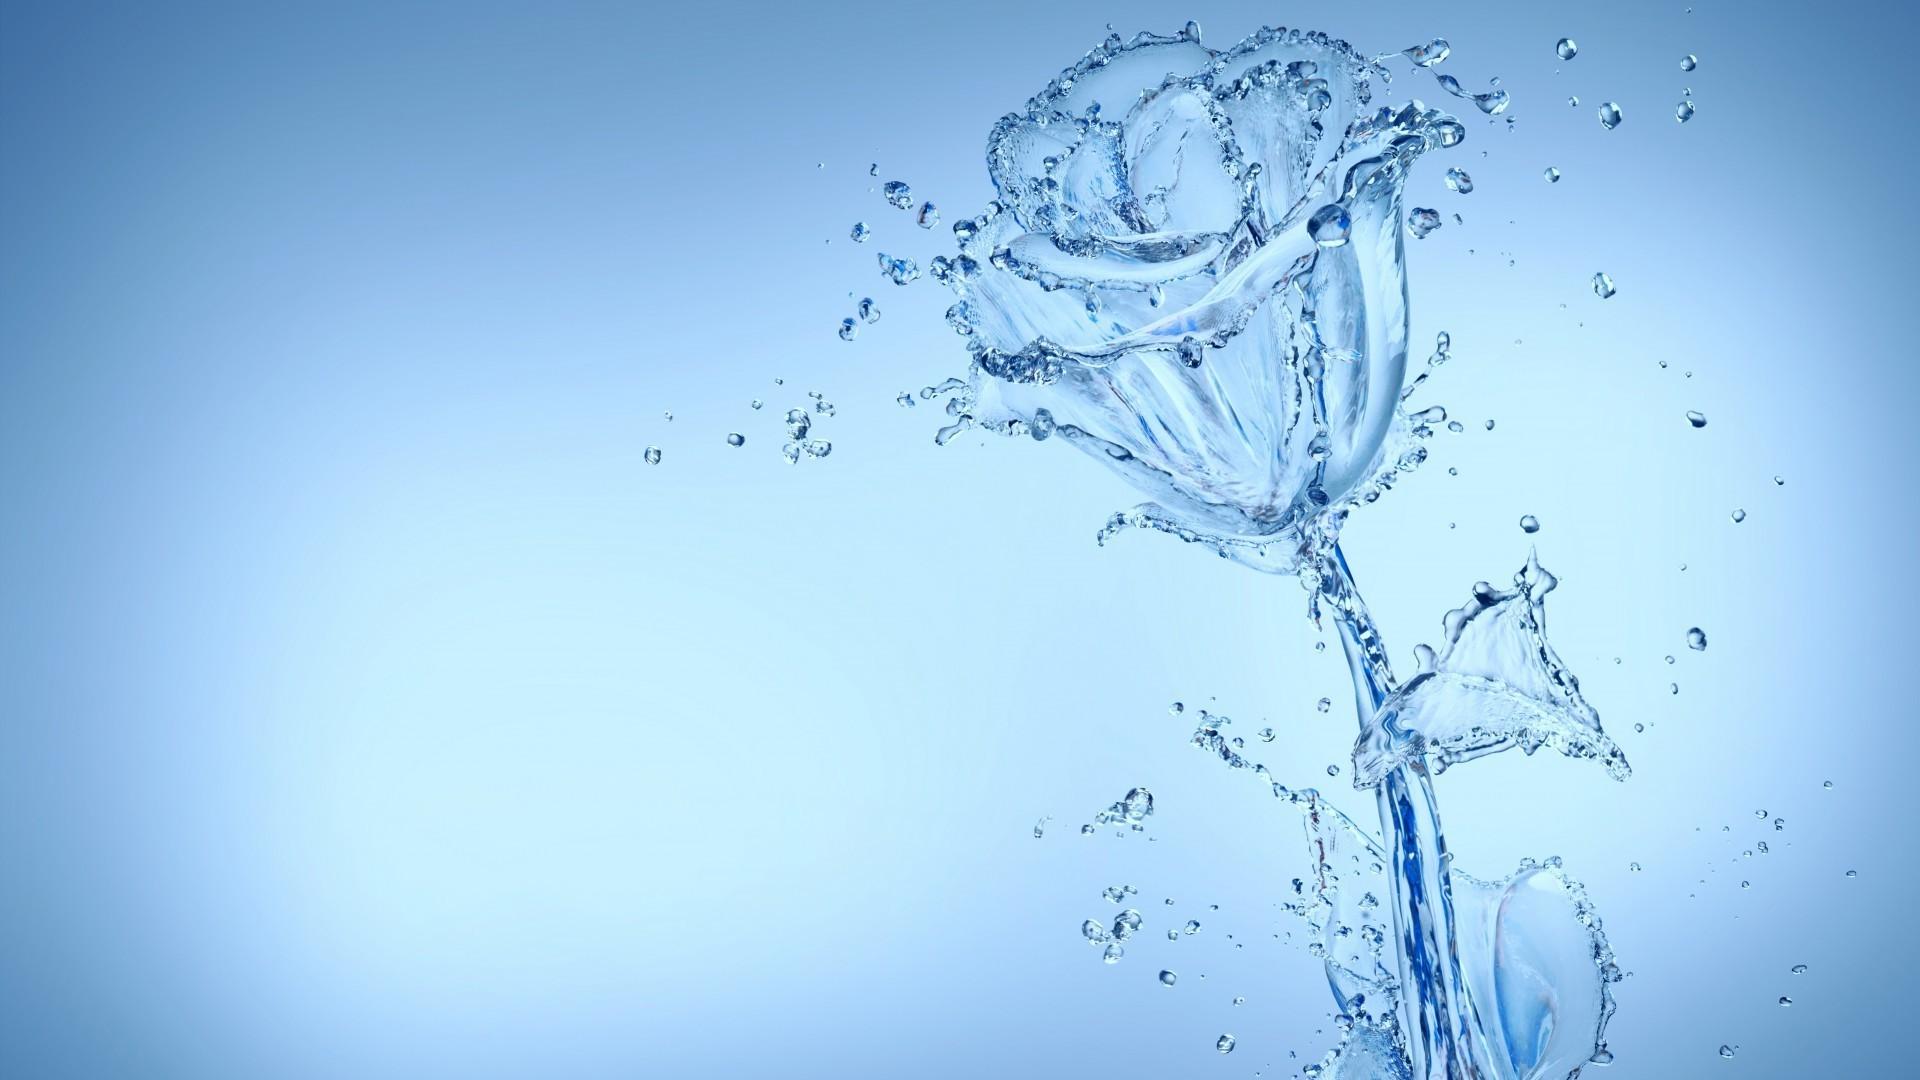 Открытки с изображением воды